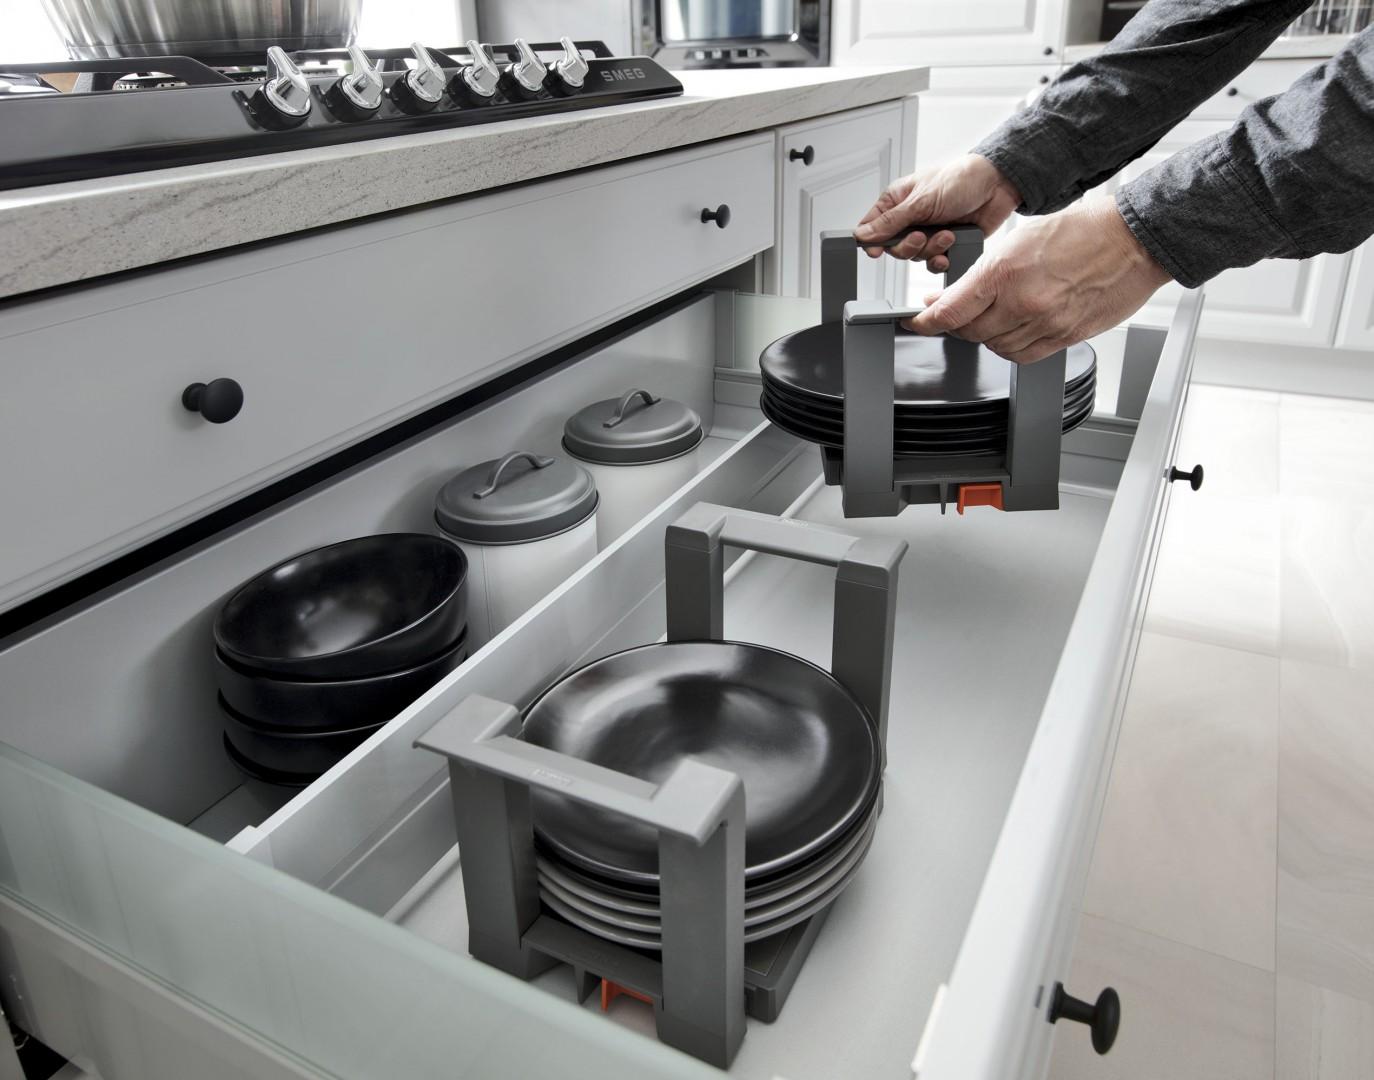 89e7117051d53e Odpowiednie wkłady do przechowywania talerzy przydadzą się w szufladzie.  Fot. BRW